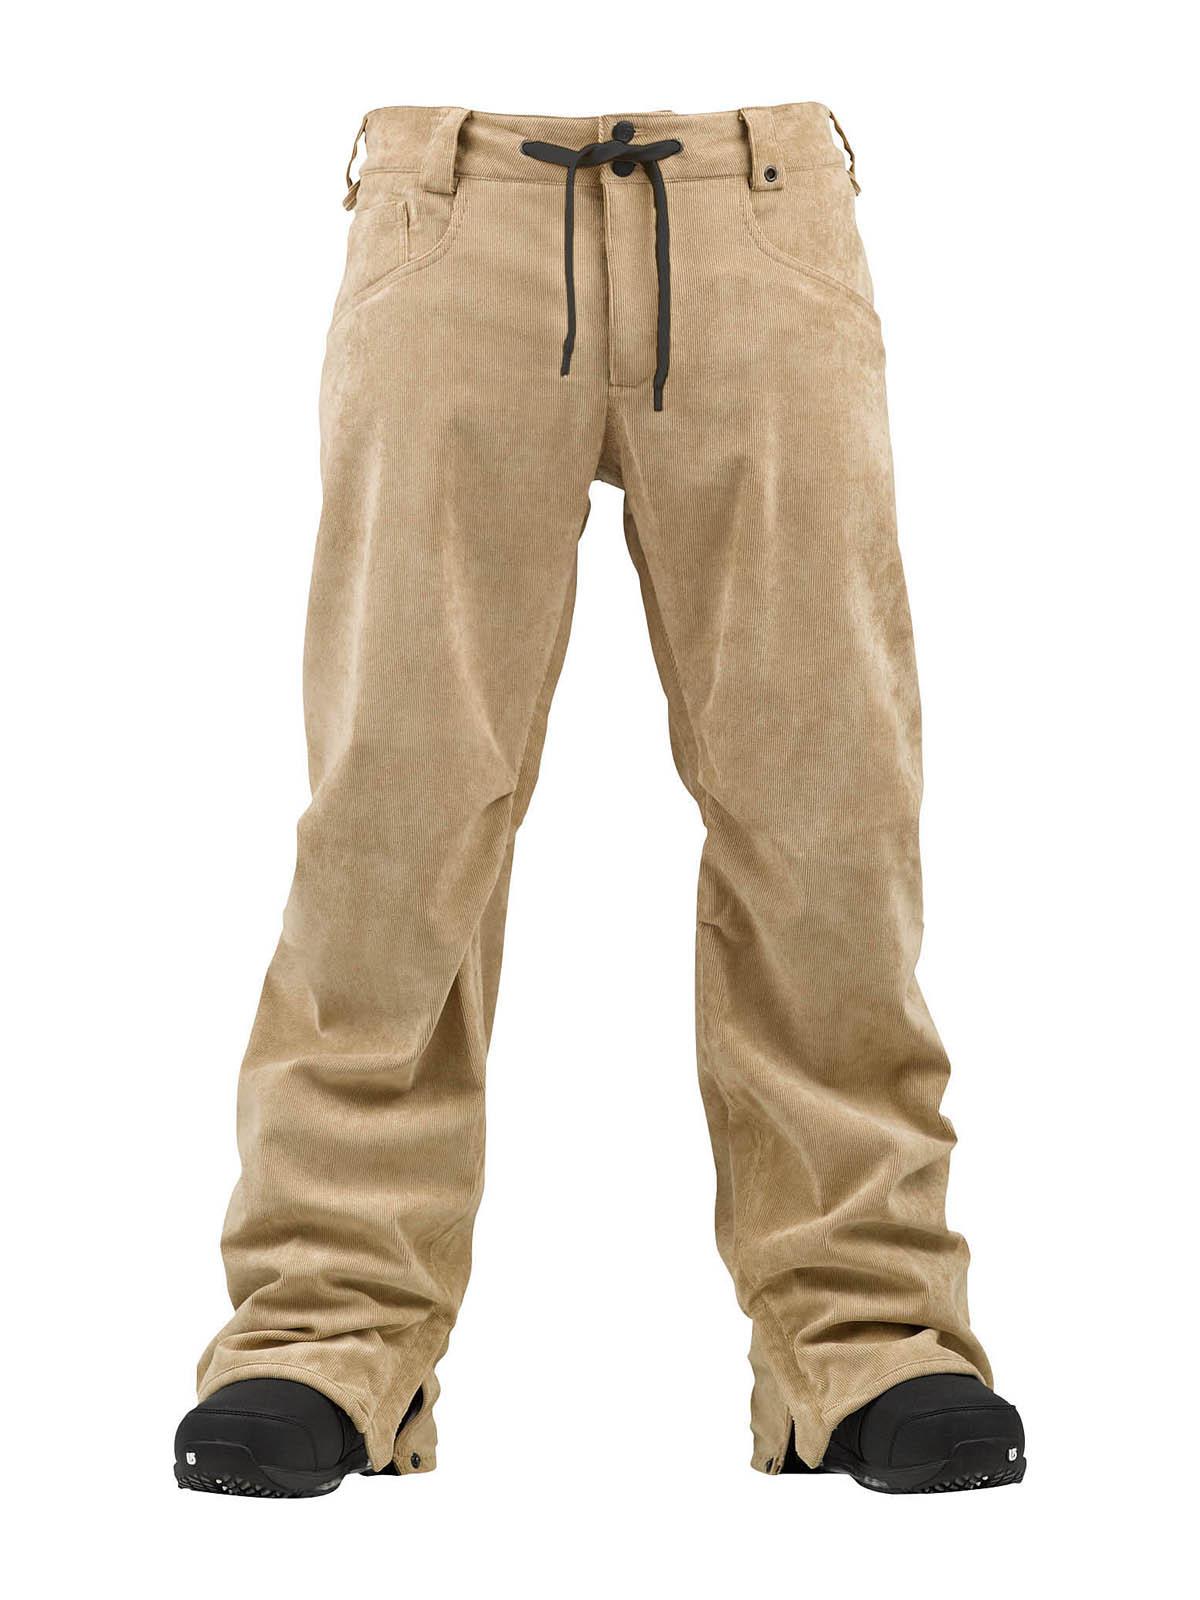 Corduroy Snow Pants